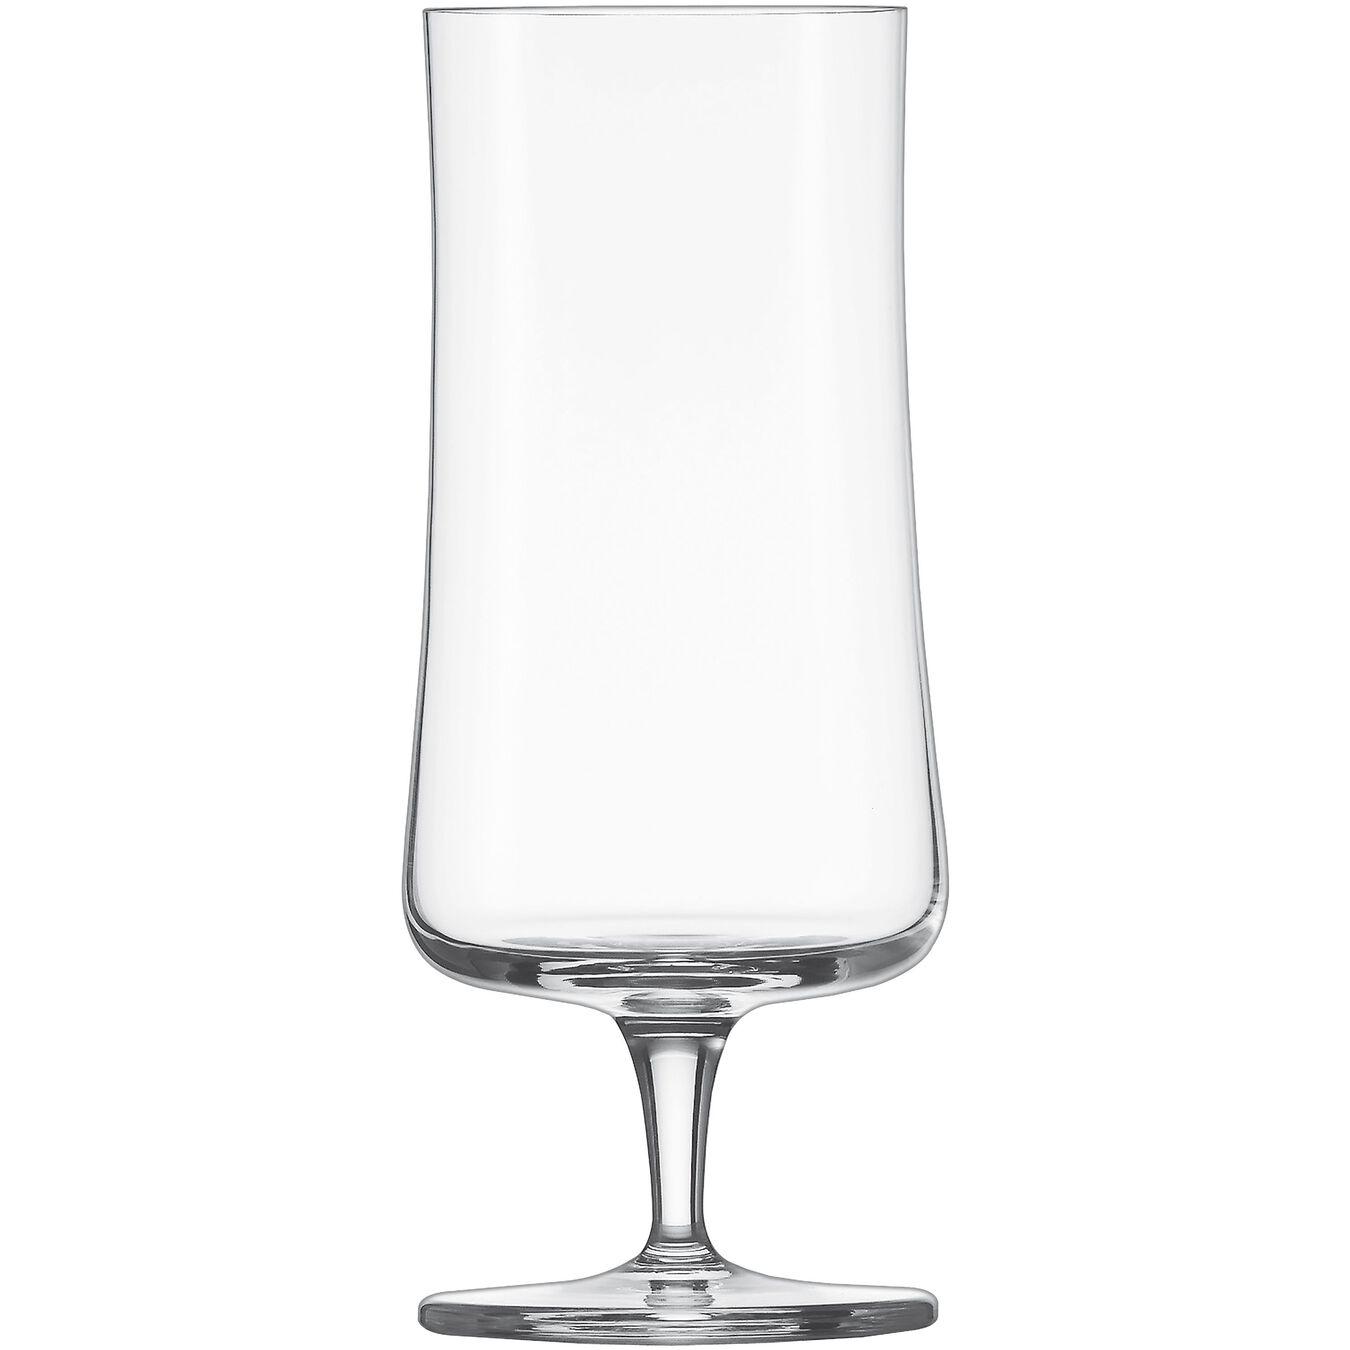 Bira Bardağı | 510 ml,,large 1